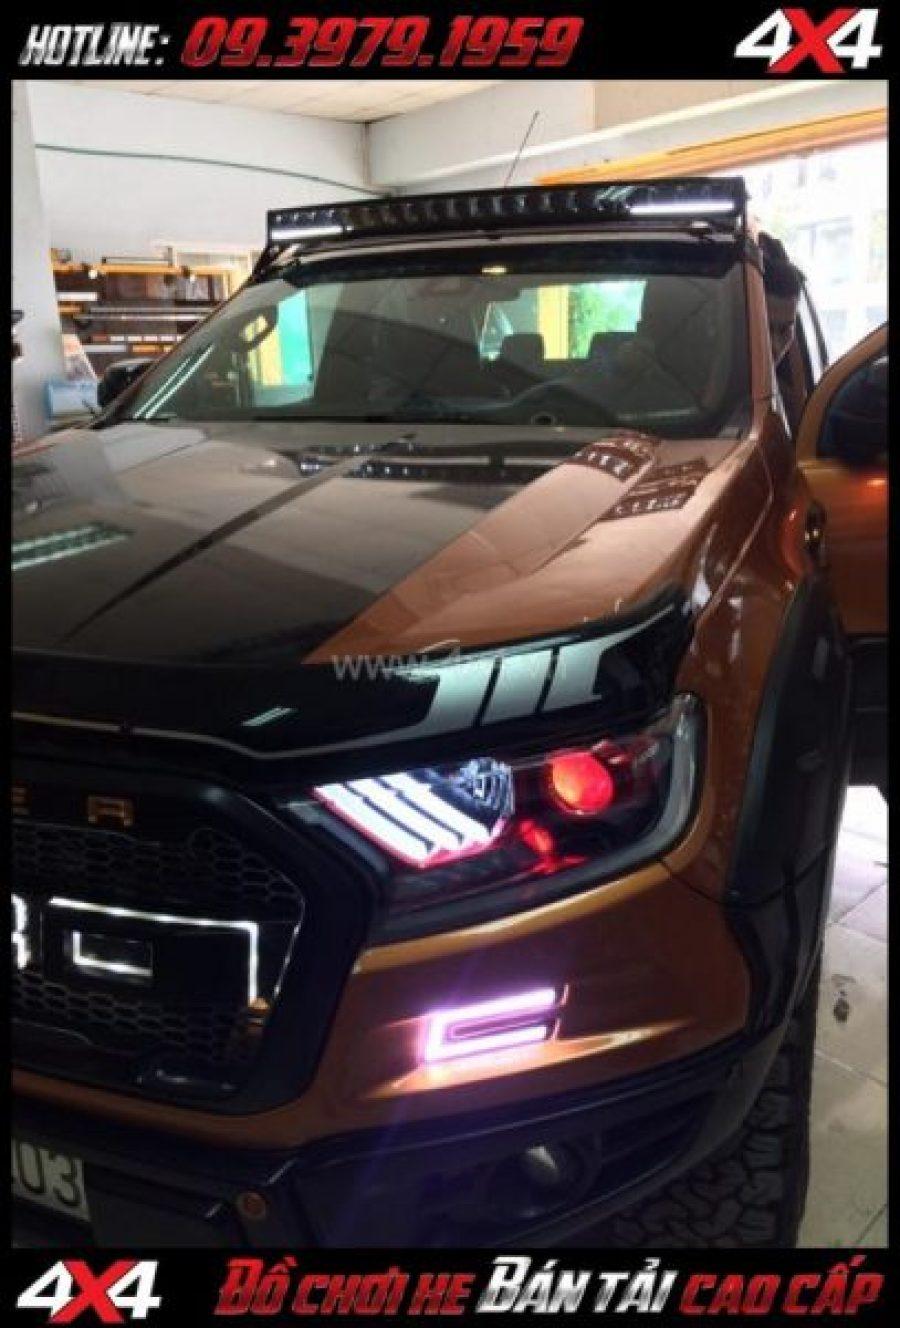 Photo đèn Ford Mustang 3 sọc thẳng lắp đẹp và ngầu cho xe off road Ford Ranger 2019 2018 ở Tp Hồ Chí Minh